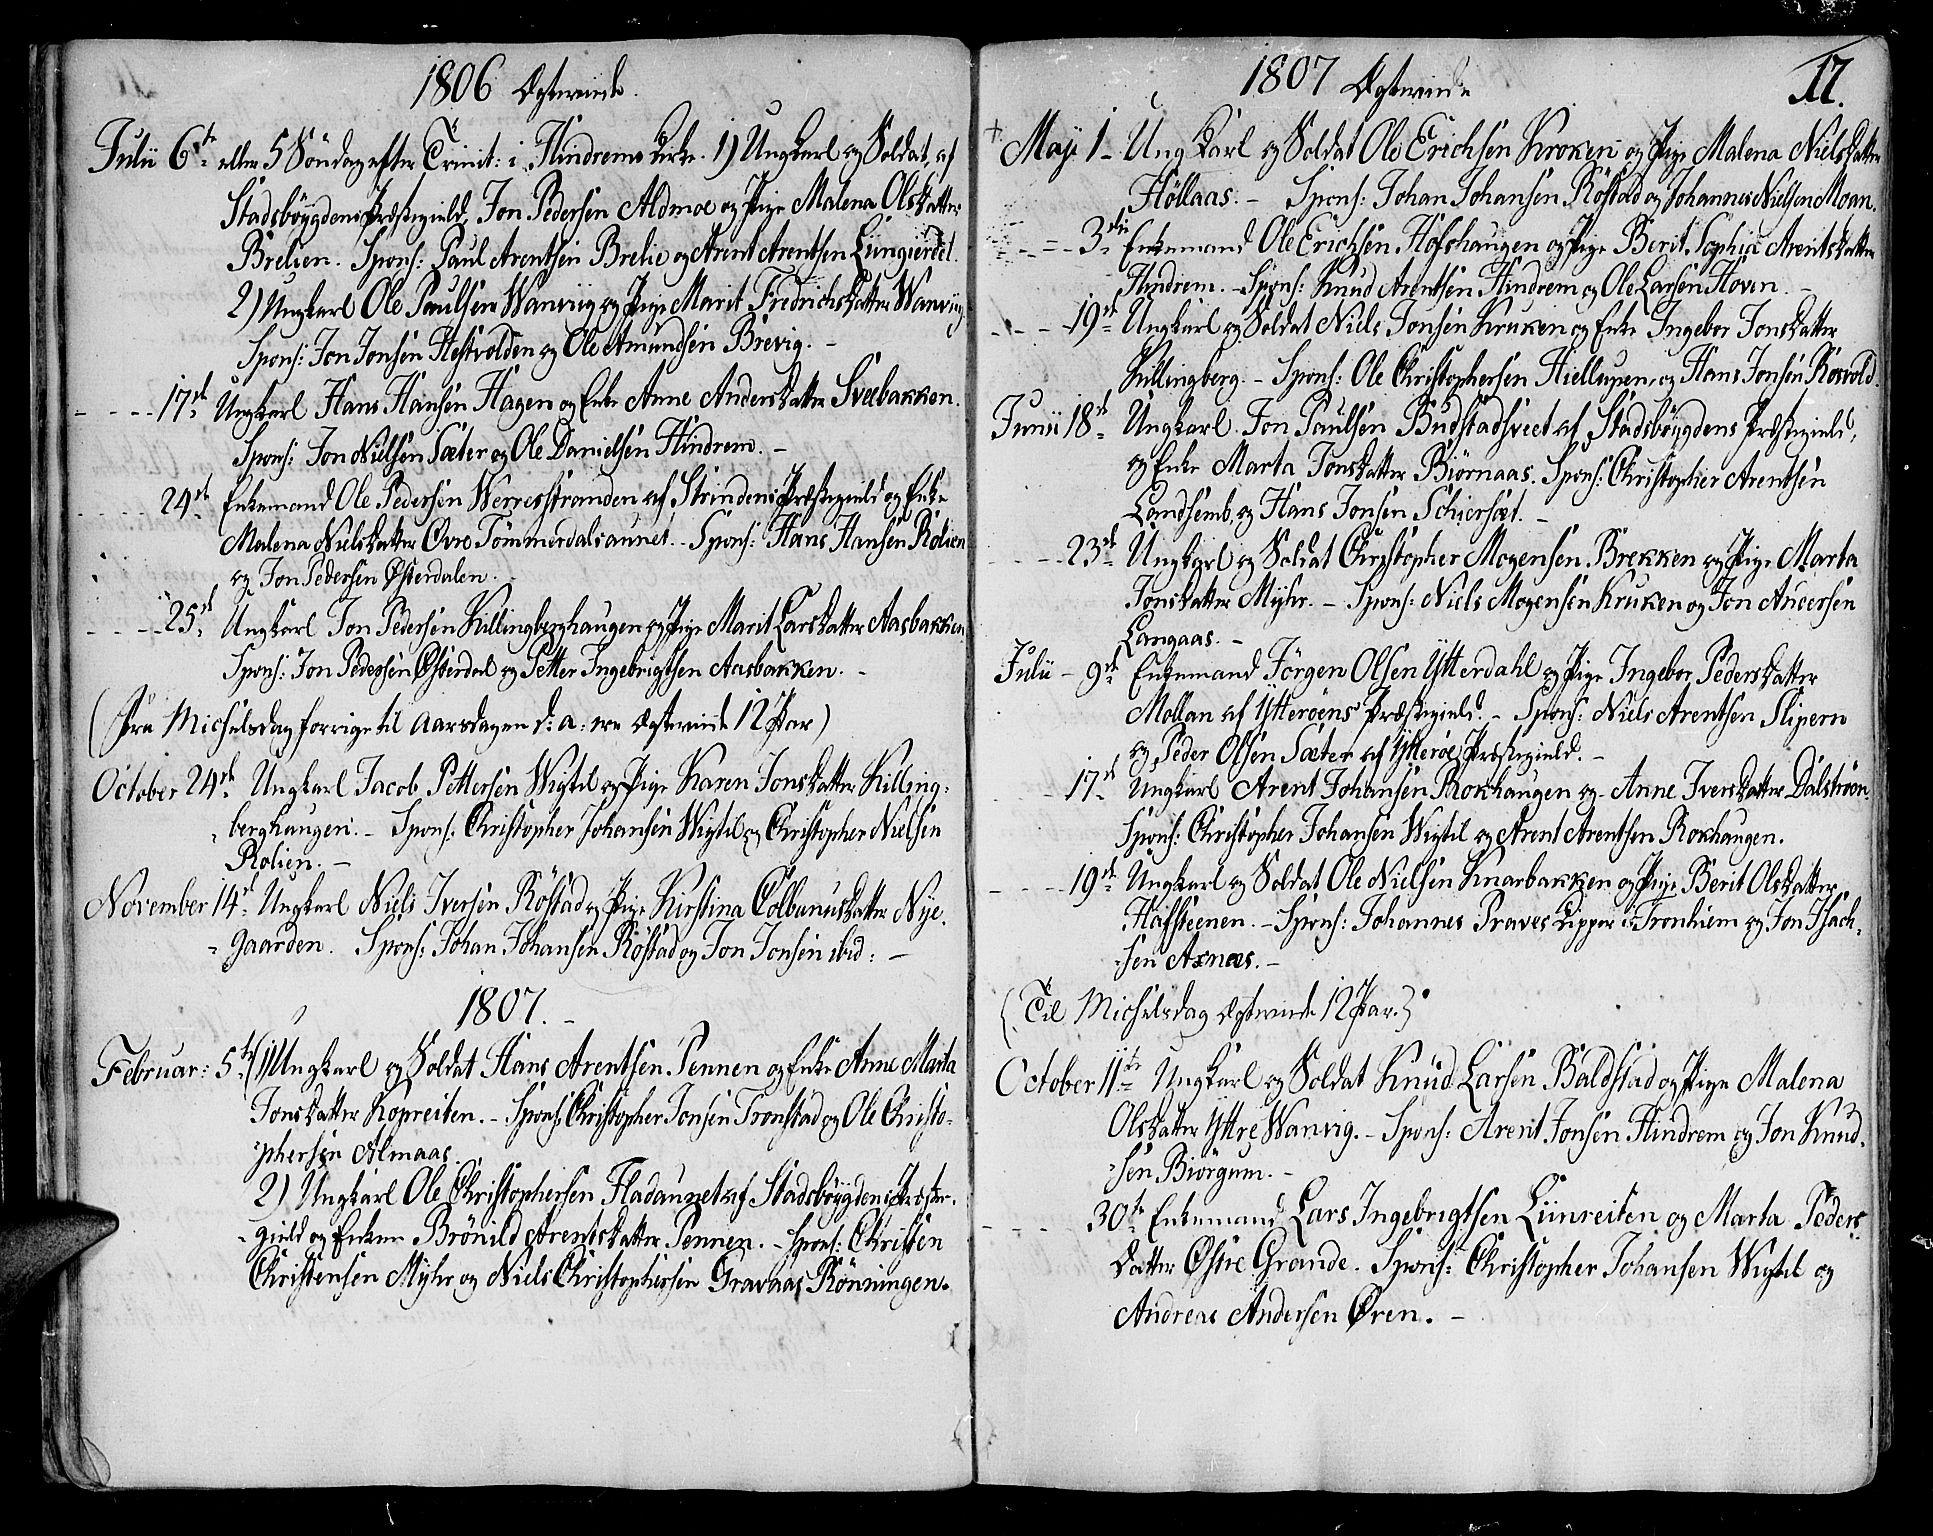 SAT, Ministerialprotokoller, klokkerbøker og fødselsregistre - Nord-Trøndelag, 701/L0004: Ministerialbok nr. 701A04, 1783-1816, s. 17